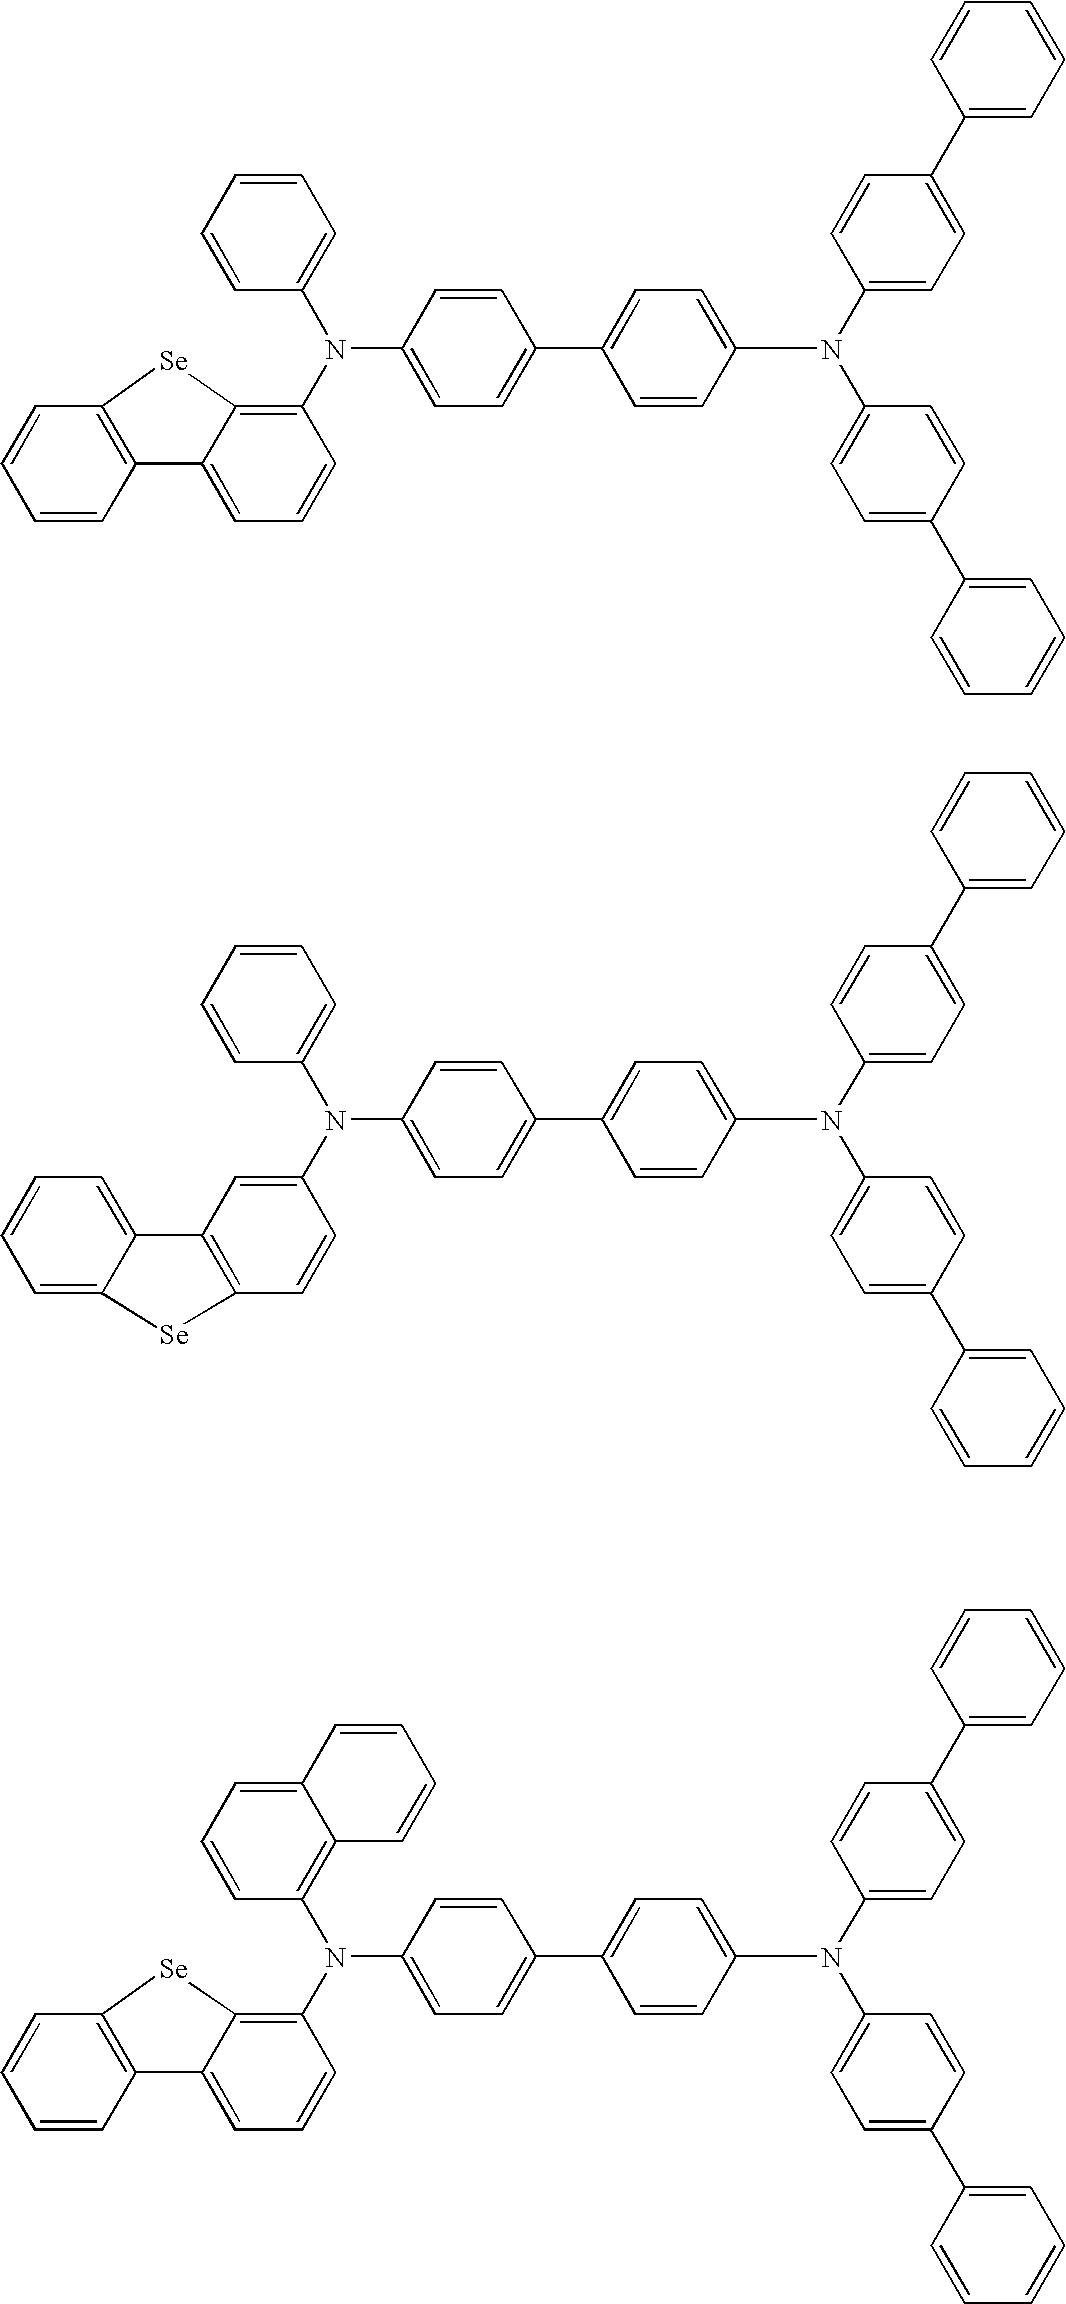 Figure US20100072887A1-20100325-C00210